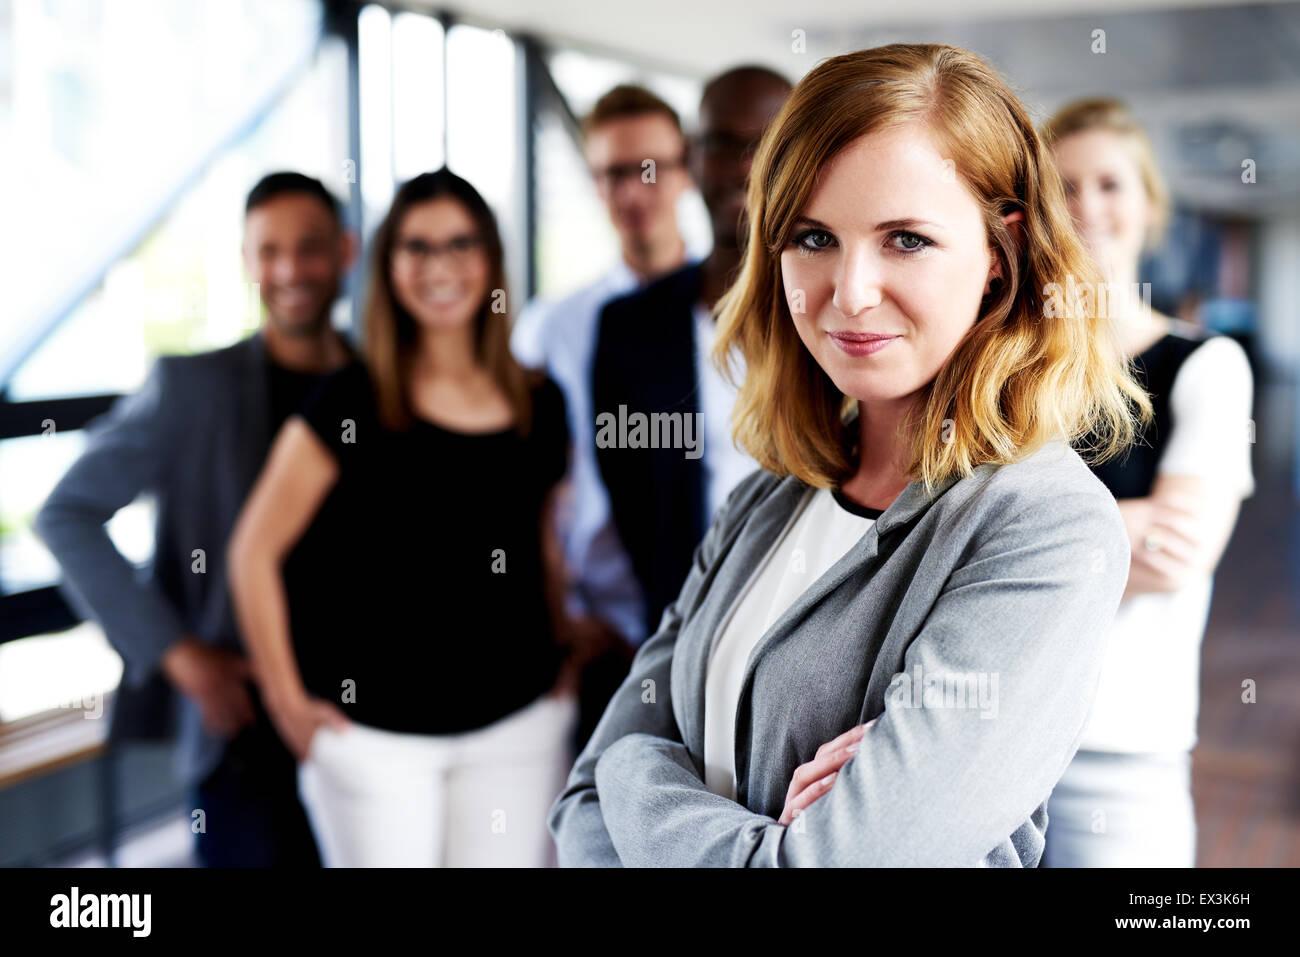 Bianchi giovani dirigenti di sesso femminile con le braccia incrociate in piedi di fronte a colleghi grinning in Immagini Stock